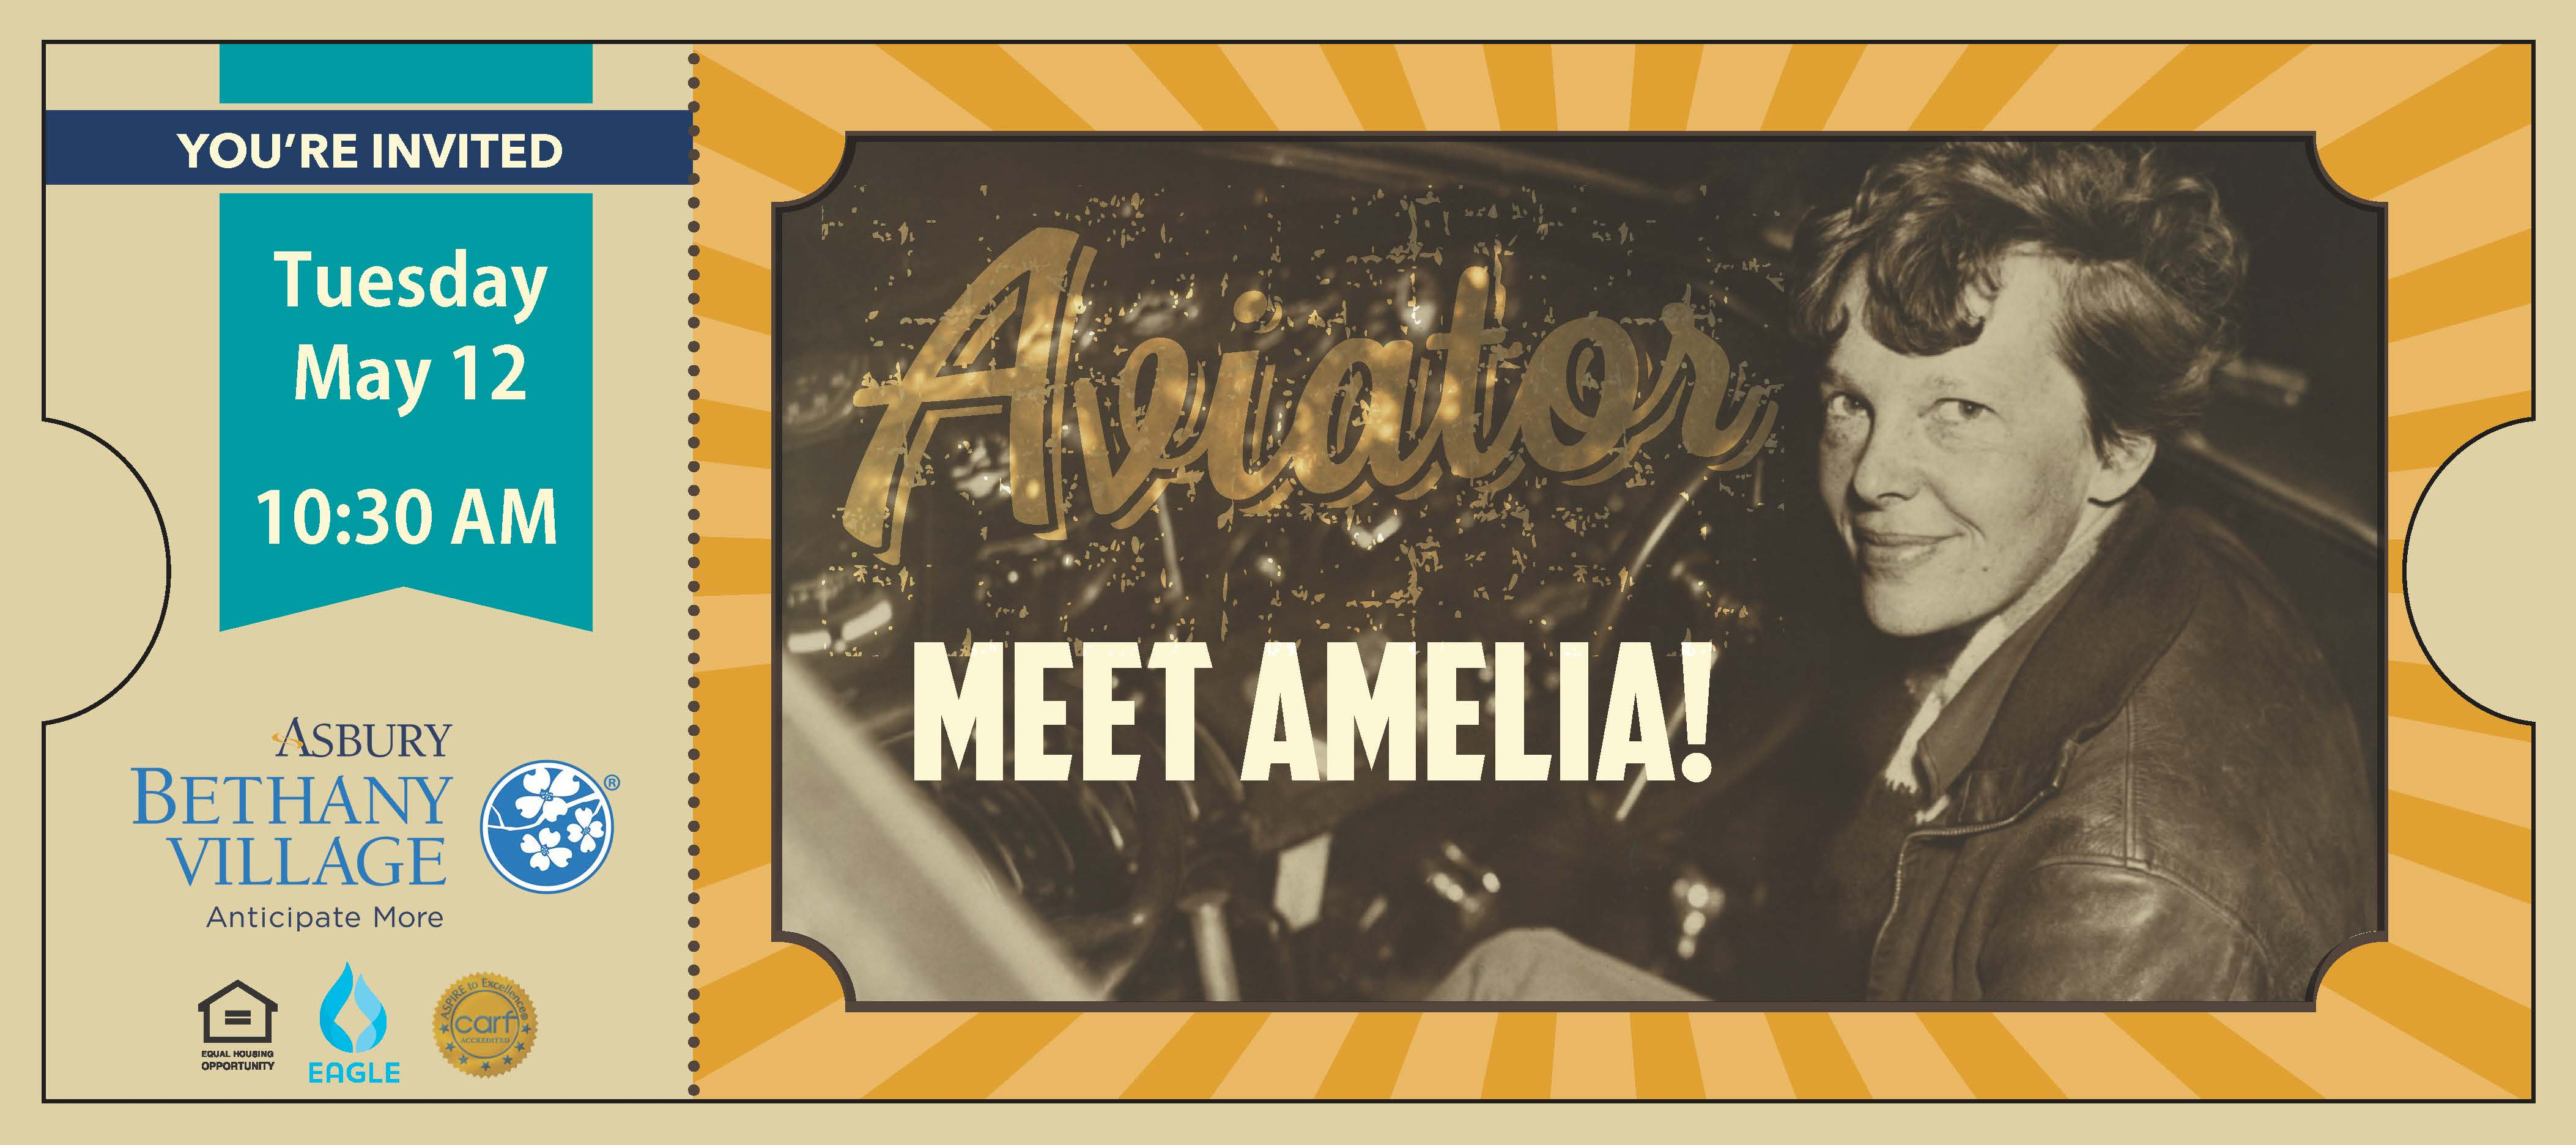 Meet Amelia event